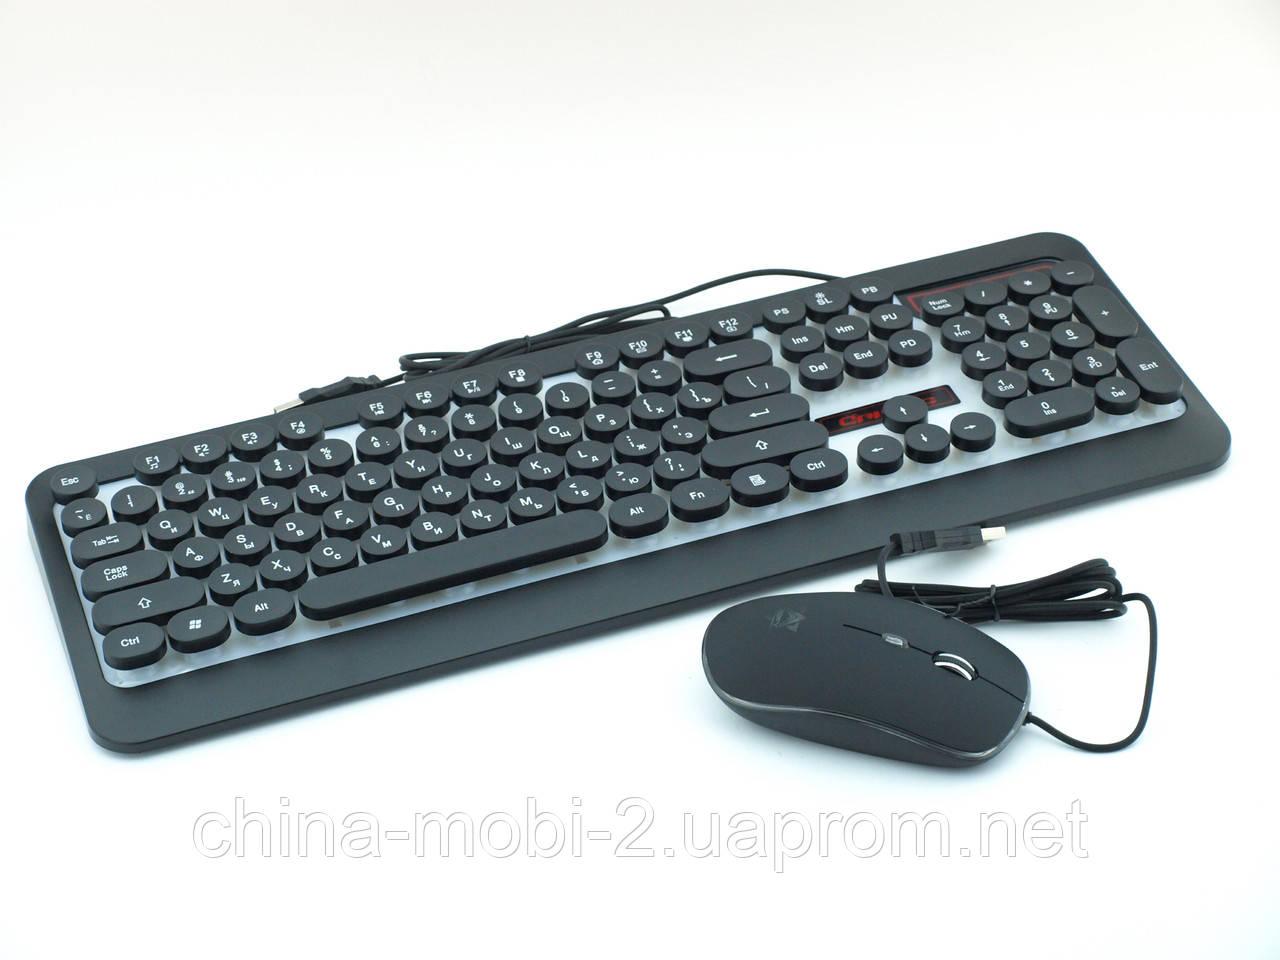 Комплект игровая клавиатура и мышь HK3970 6947